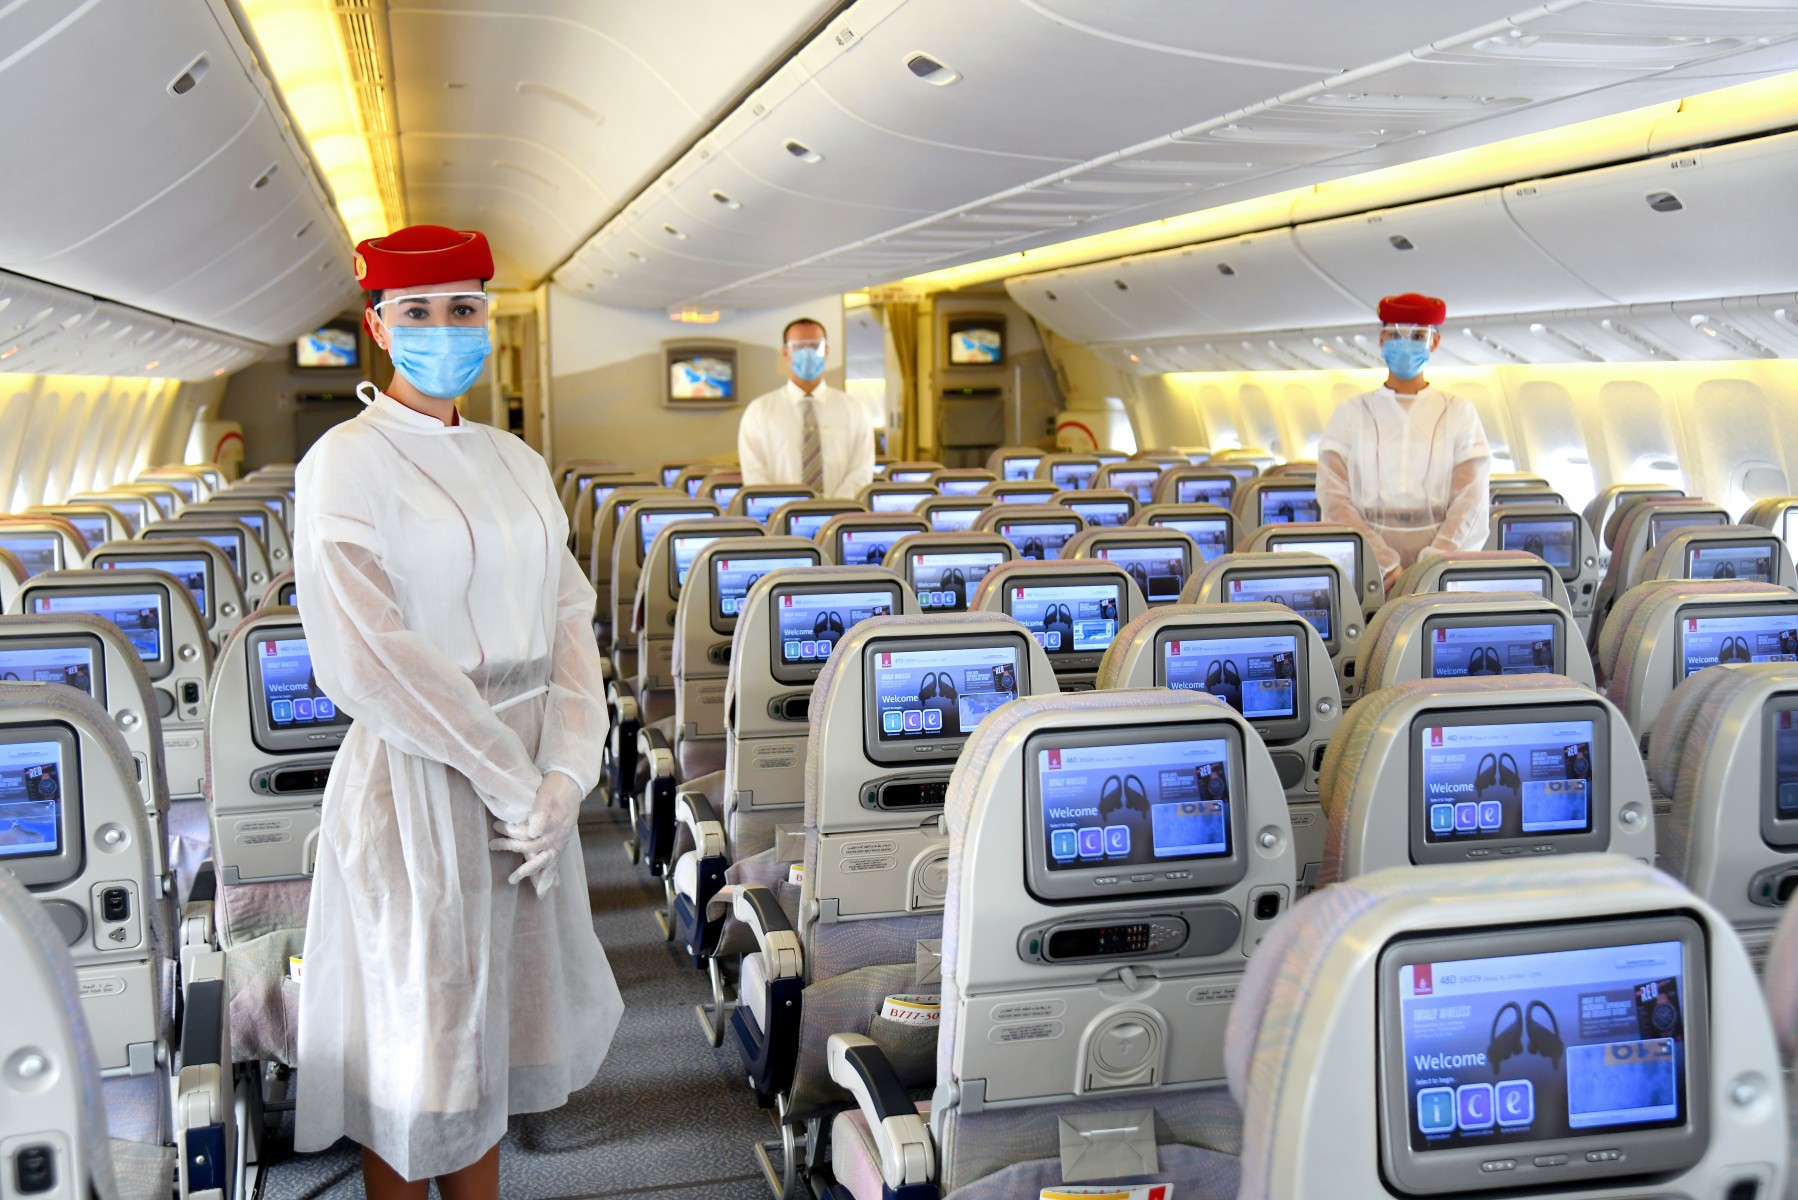 Emirates obtient cinq étoiles auprès de ses clients - ChannelNews